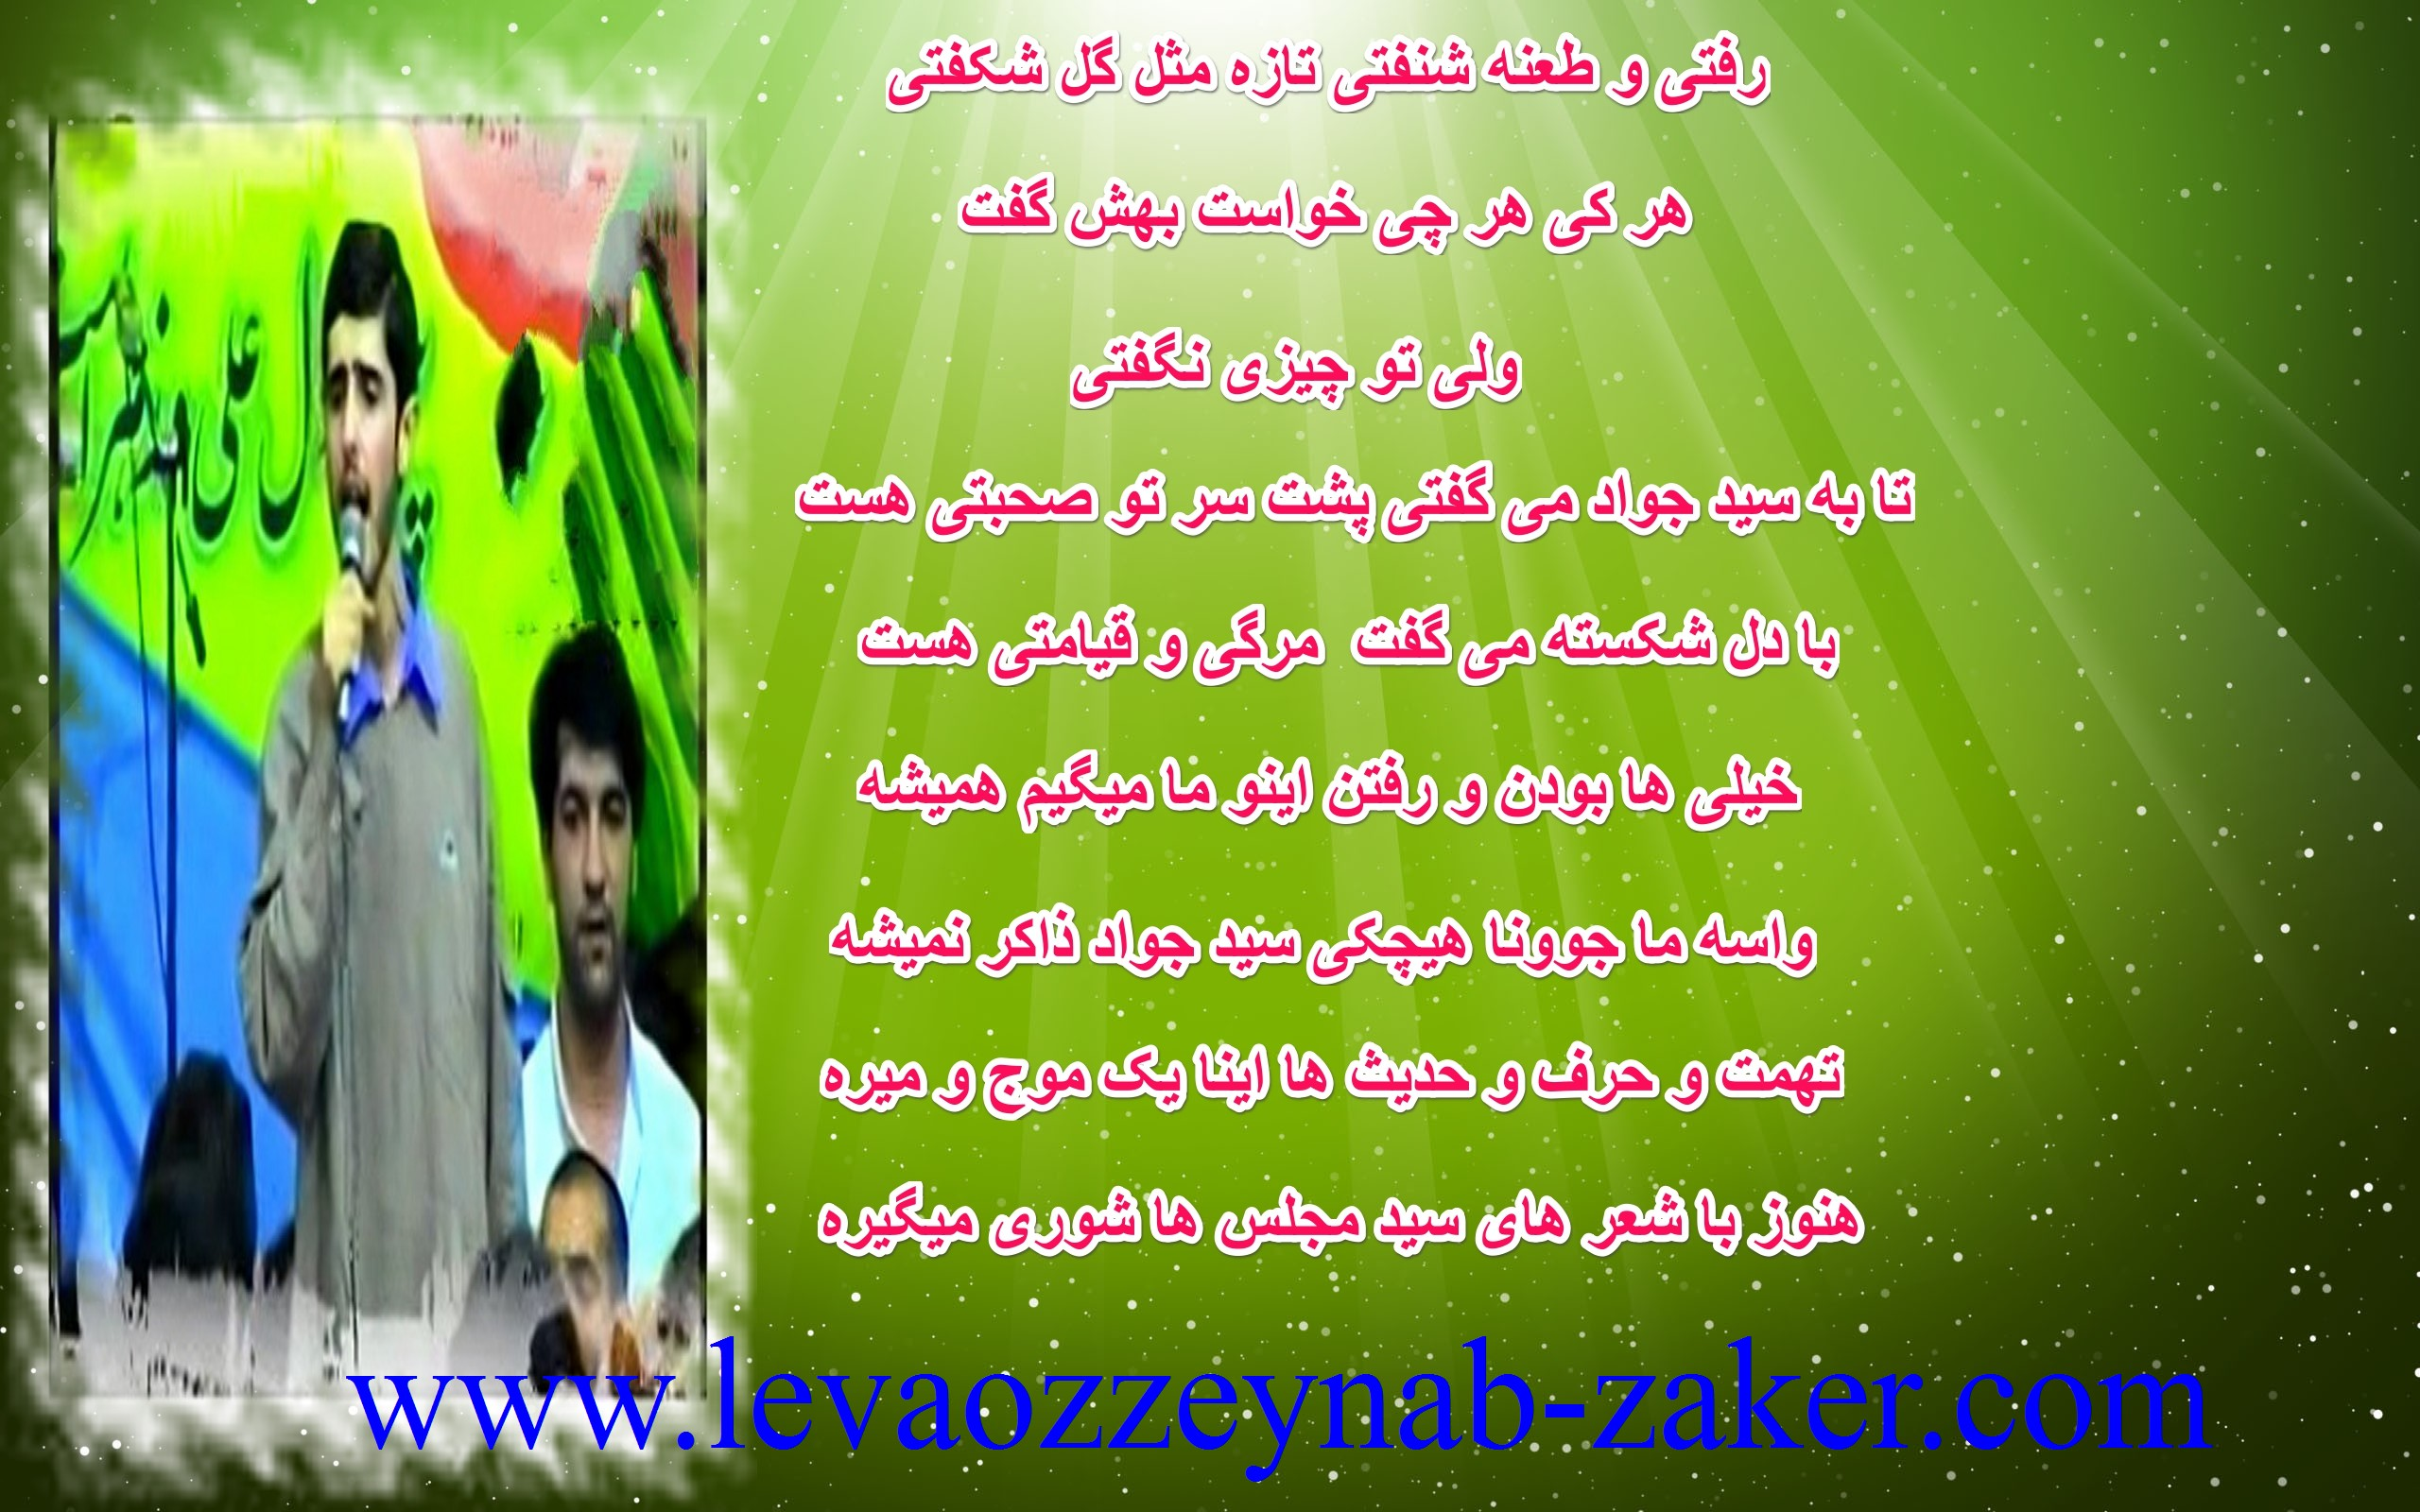 http://s9.picofile.com/file/8280761368/ggggggggggff.jpg